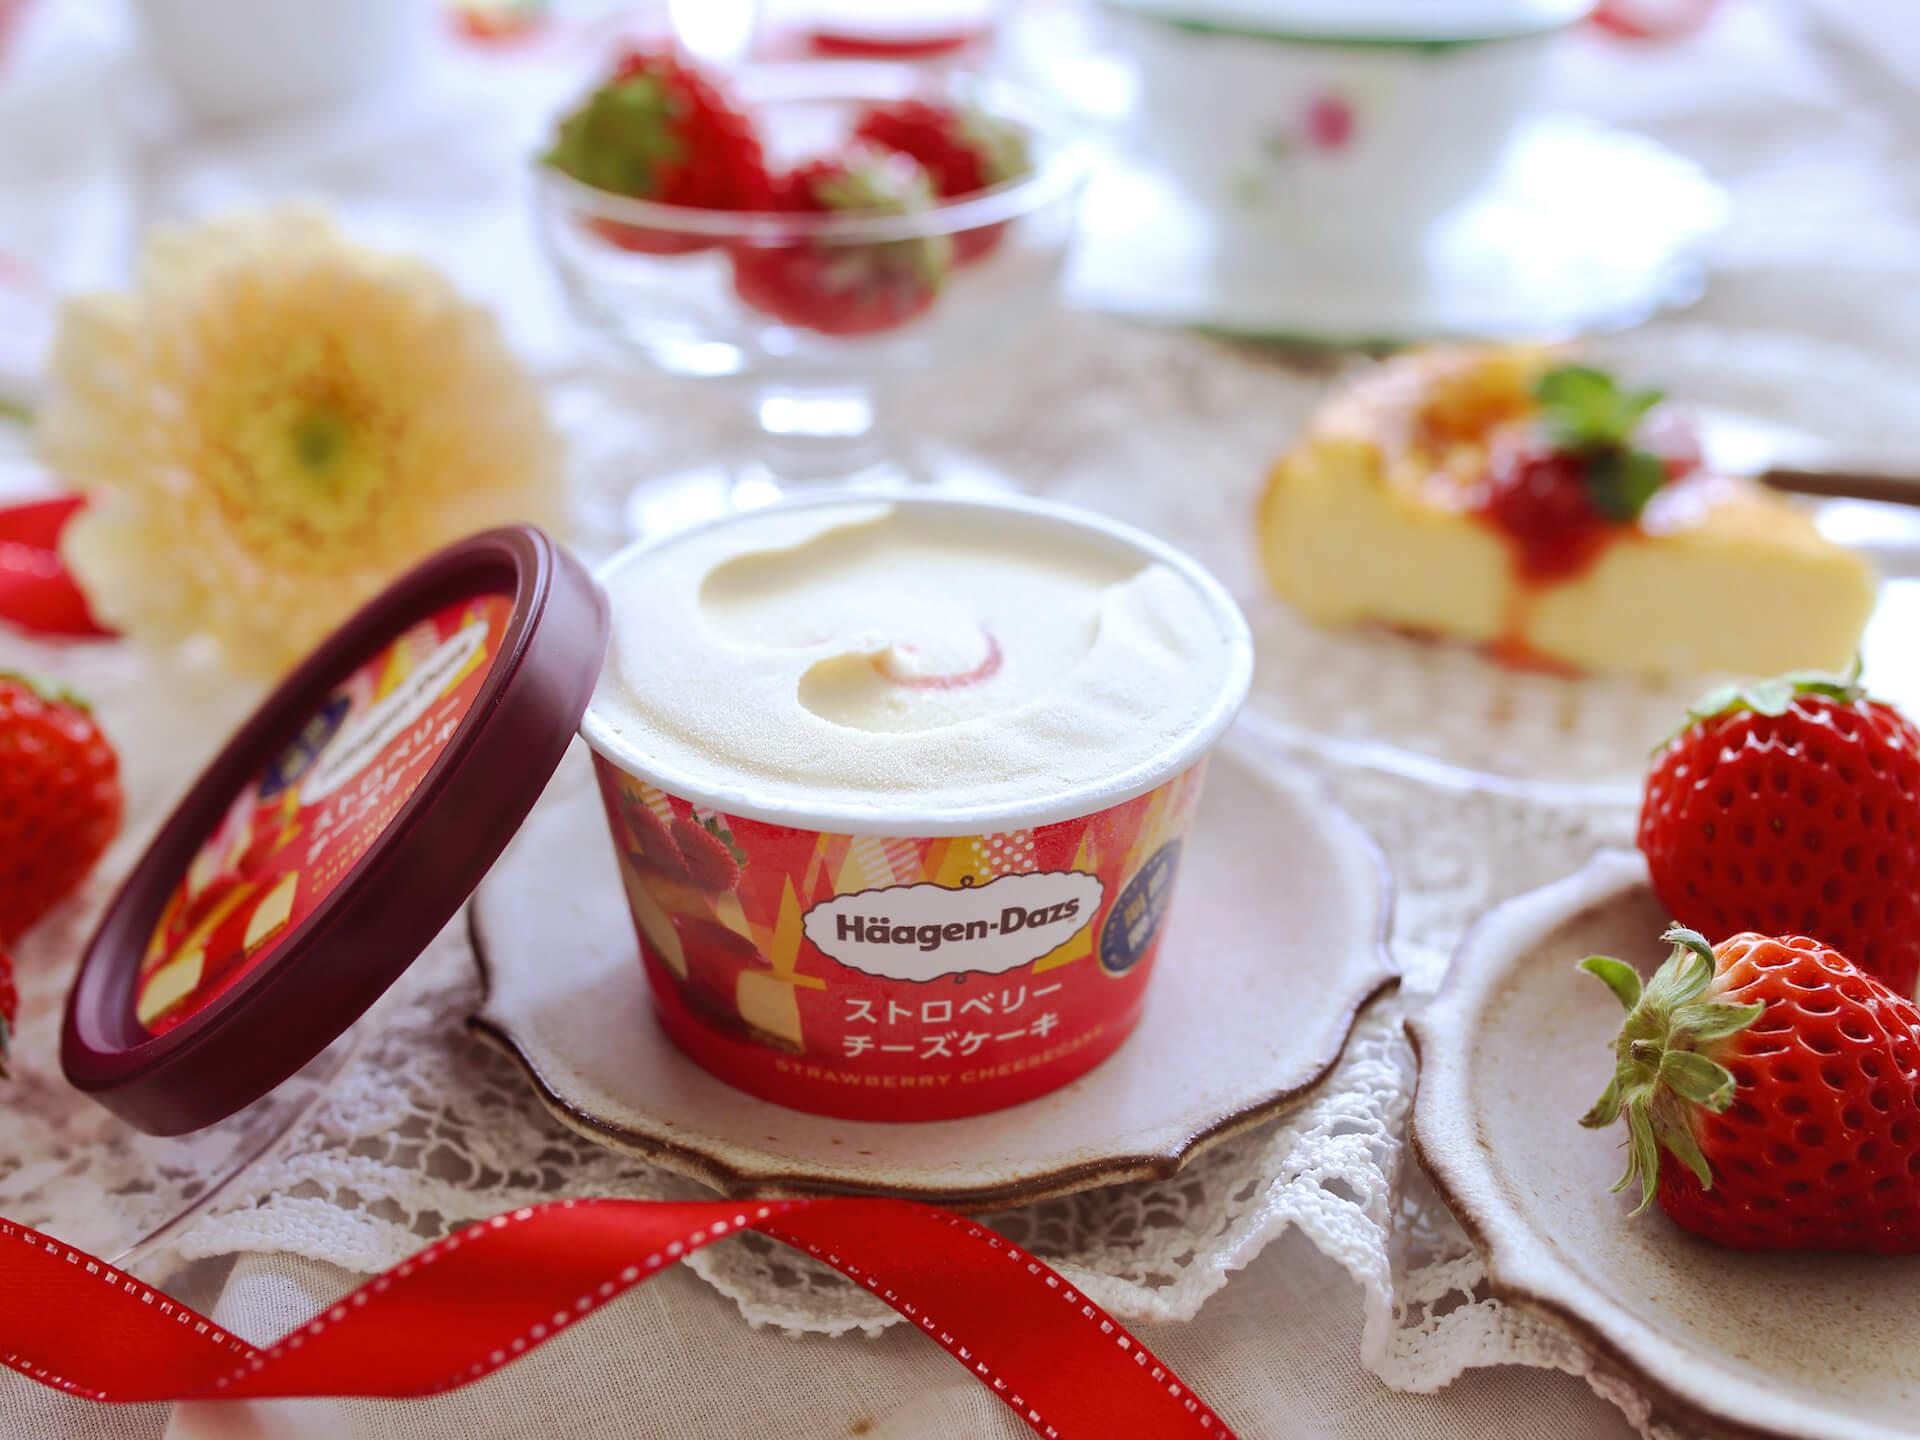 ハーゲンダッツの新フレーバー『ストロベリーチーズケーキ』が期間限定で登場!Twitterでアイスクリーム詰め合わせがもらえるキャンペーンも gourmet210125_haagendazs_5